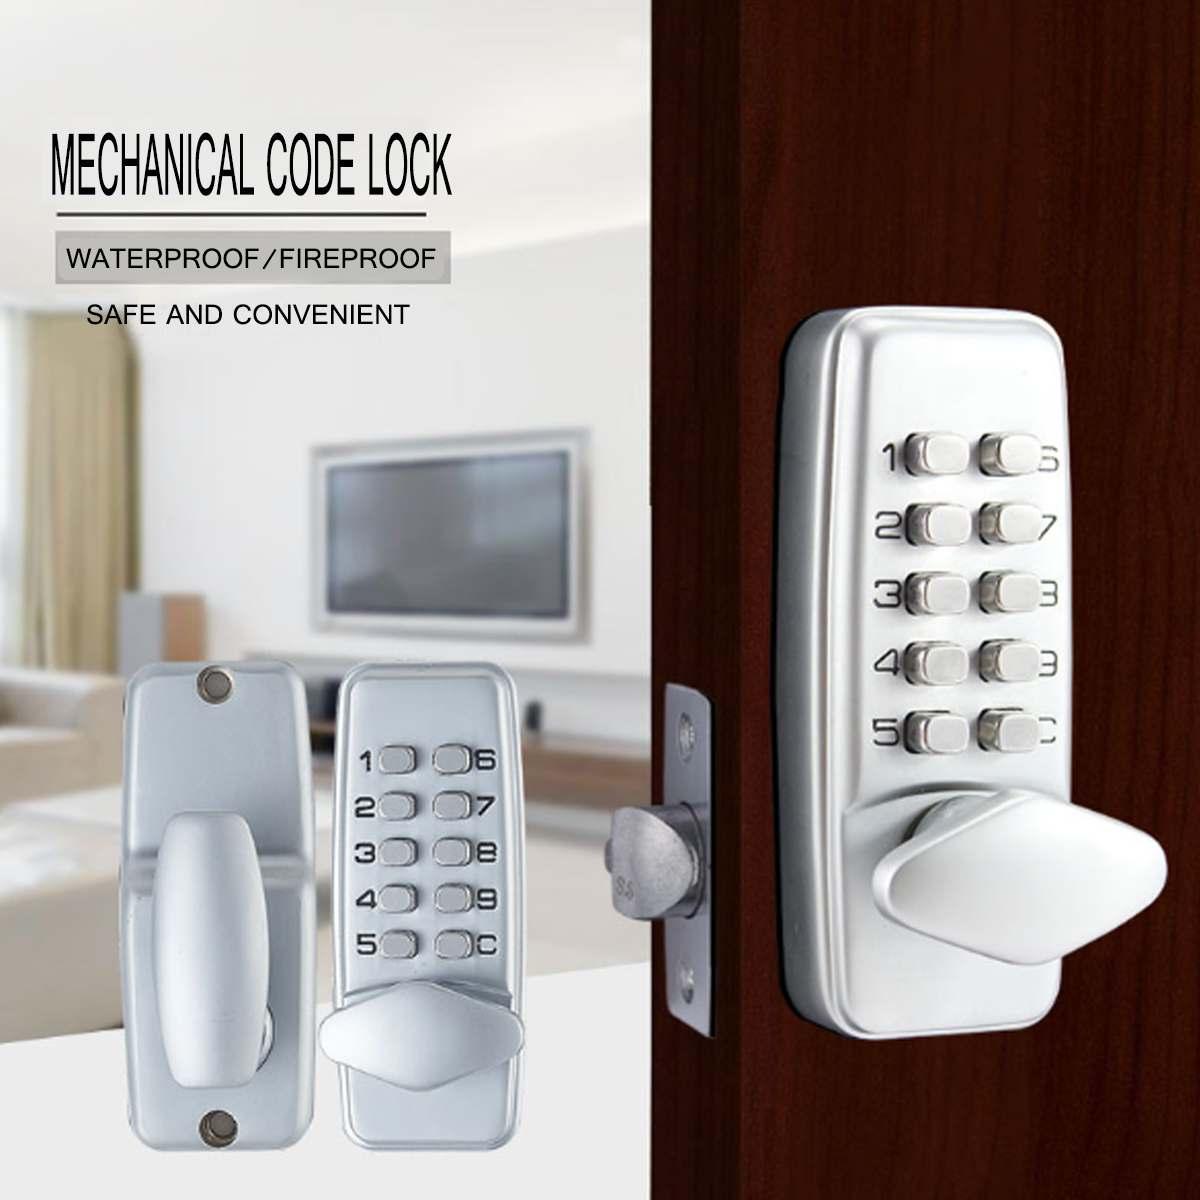 Serrure de porte de mot de passe numérique Code mécanique serrure de porte d'entrée sans clé serrure étanche pour le matériel de meubles de maison